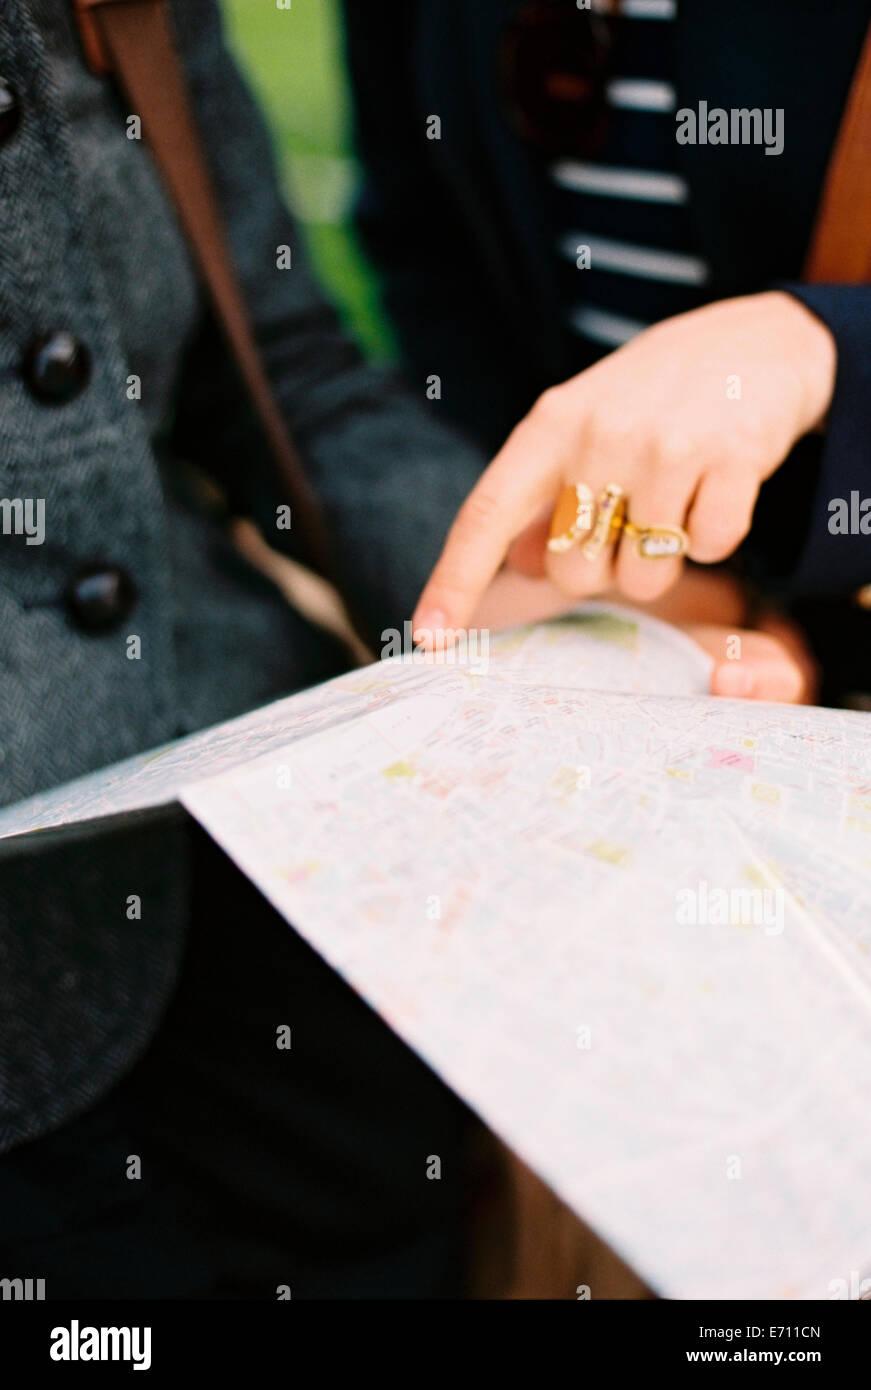 Dos personas usando un mapa o una guía para encontrar su camino alrededor de la ciudad. Imagen De Stock